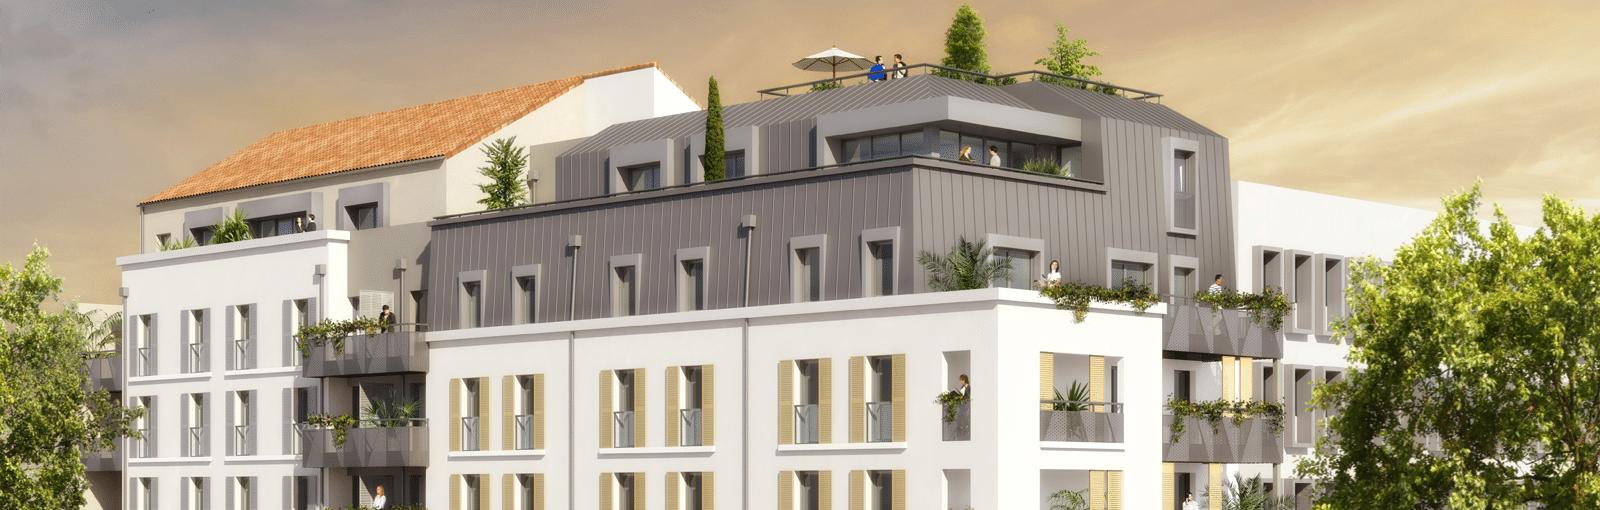 pg_slider_le-haras_vue_exterieure_facade_1600x510